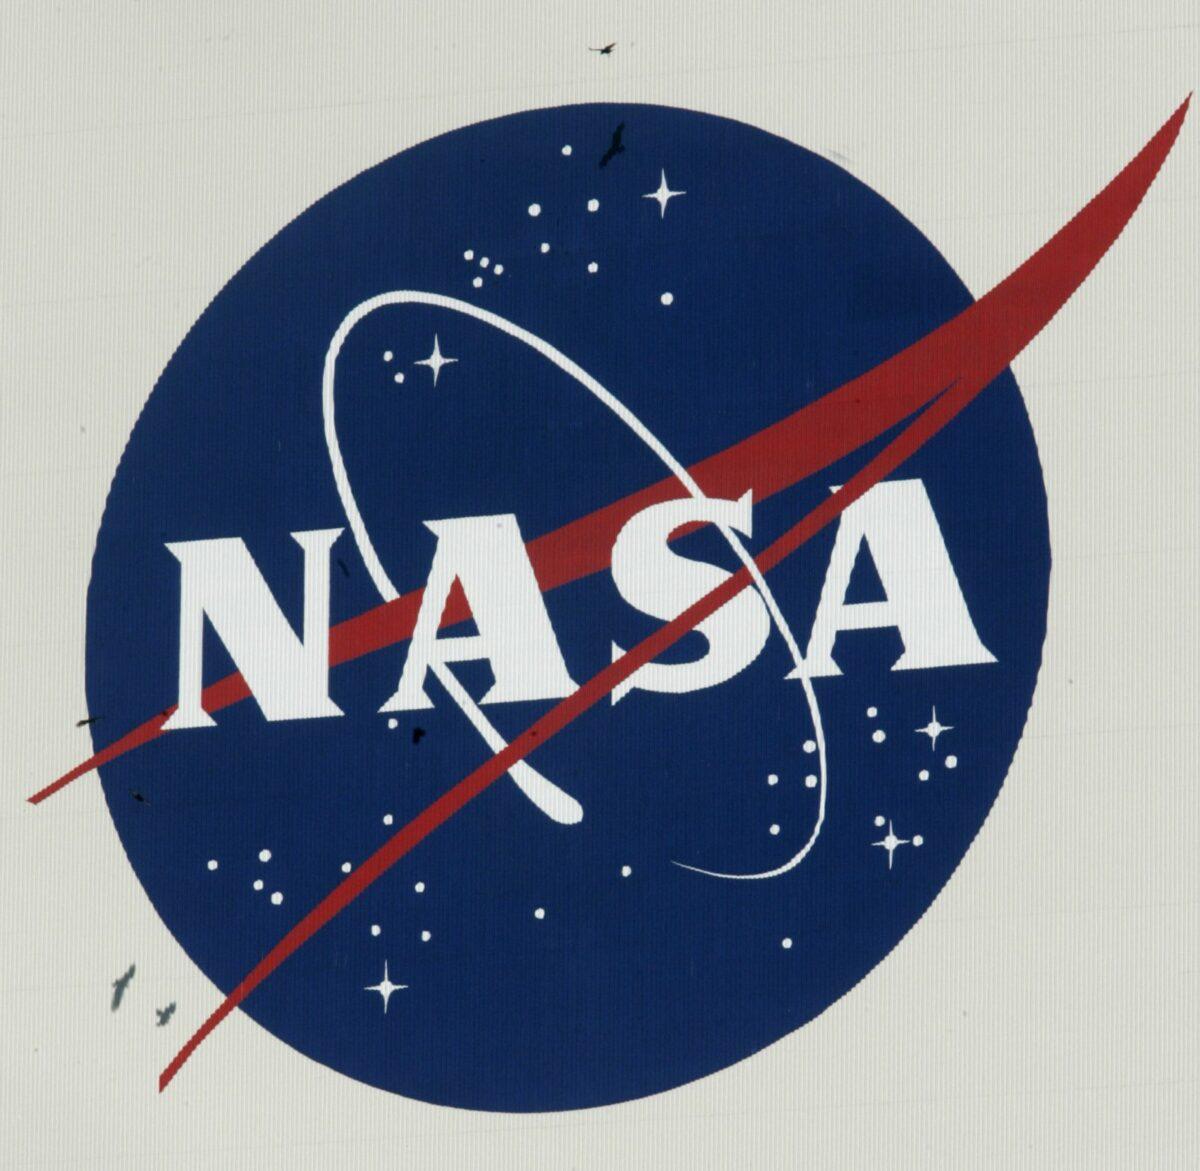 Das NASA-Logo